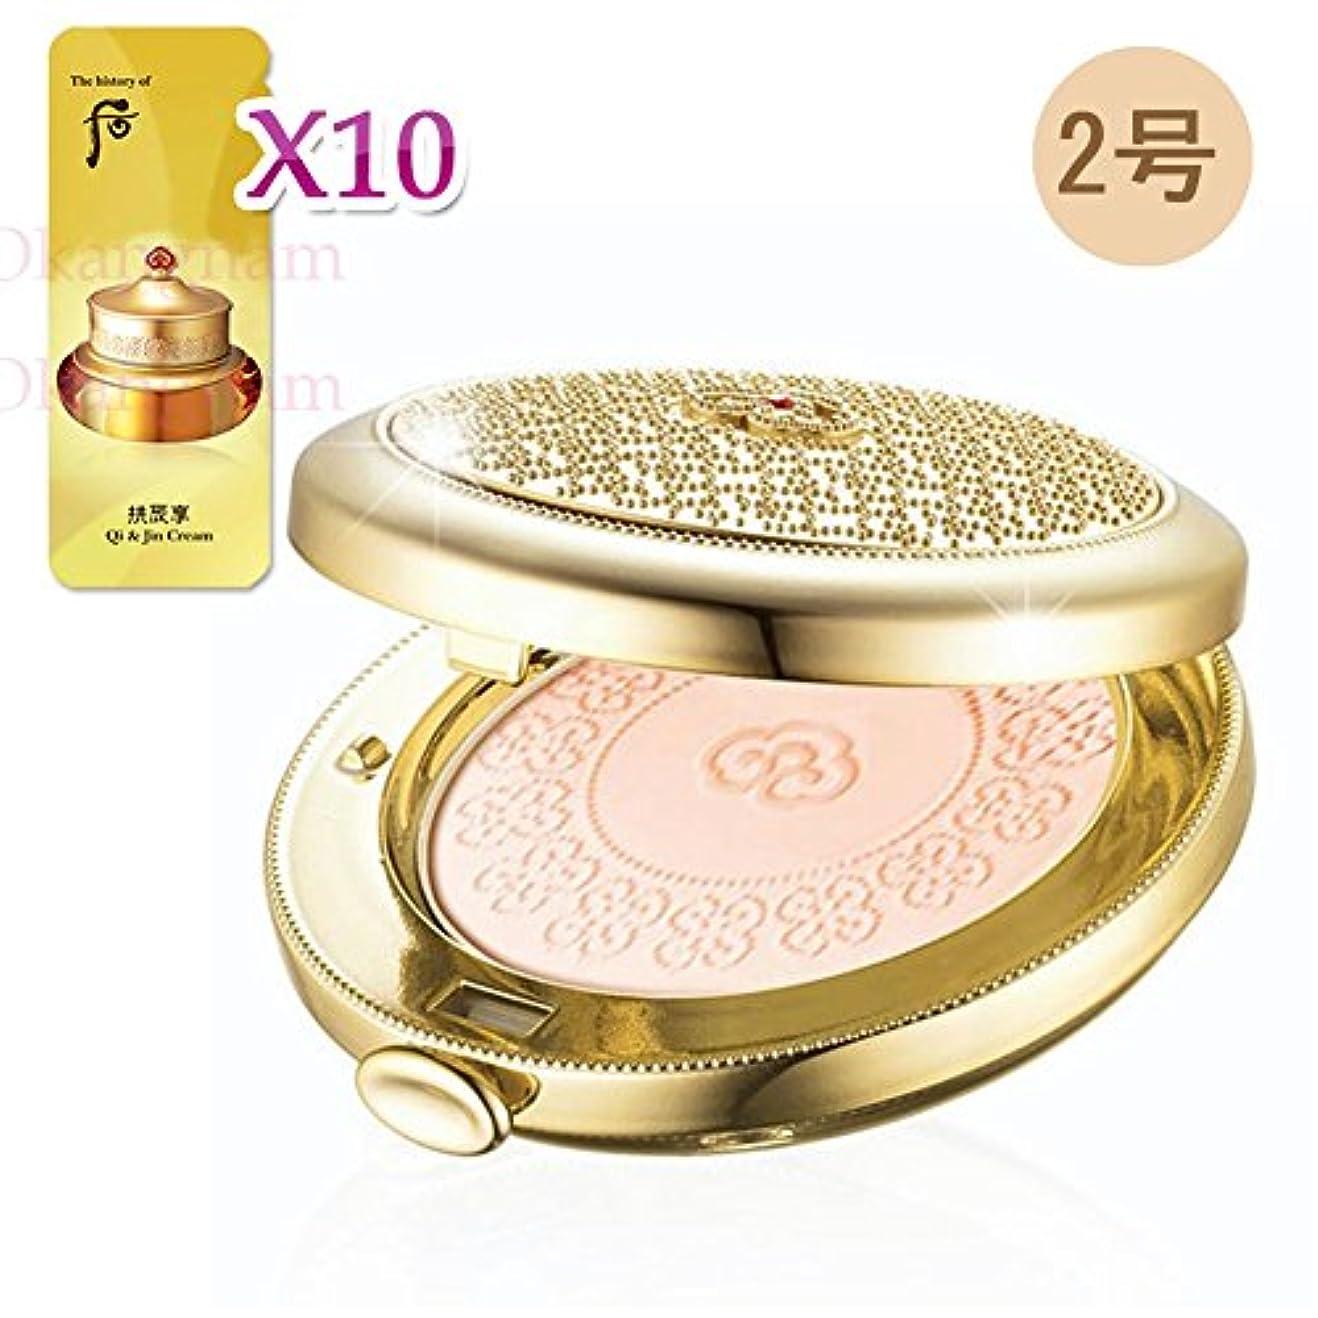 科学者コミット先史時代の【フー/ The history of whoo] Whoo 后 KGM10 GONGJIN HYANG Mi Powder Compact(SPF30,PA++) /后(フー) ゴンジンヒャン 美パウダーコンパクト 2号 + [Sample Gift](海外直送品) (2号)